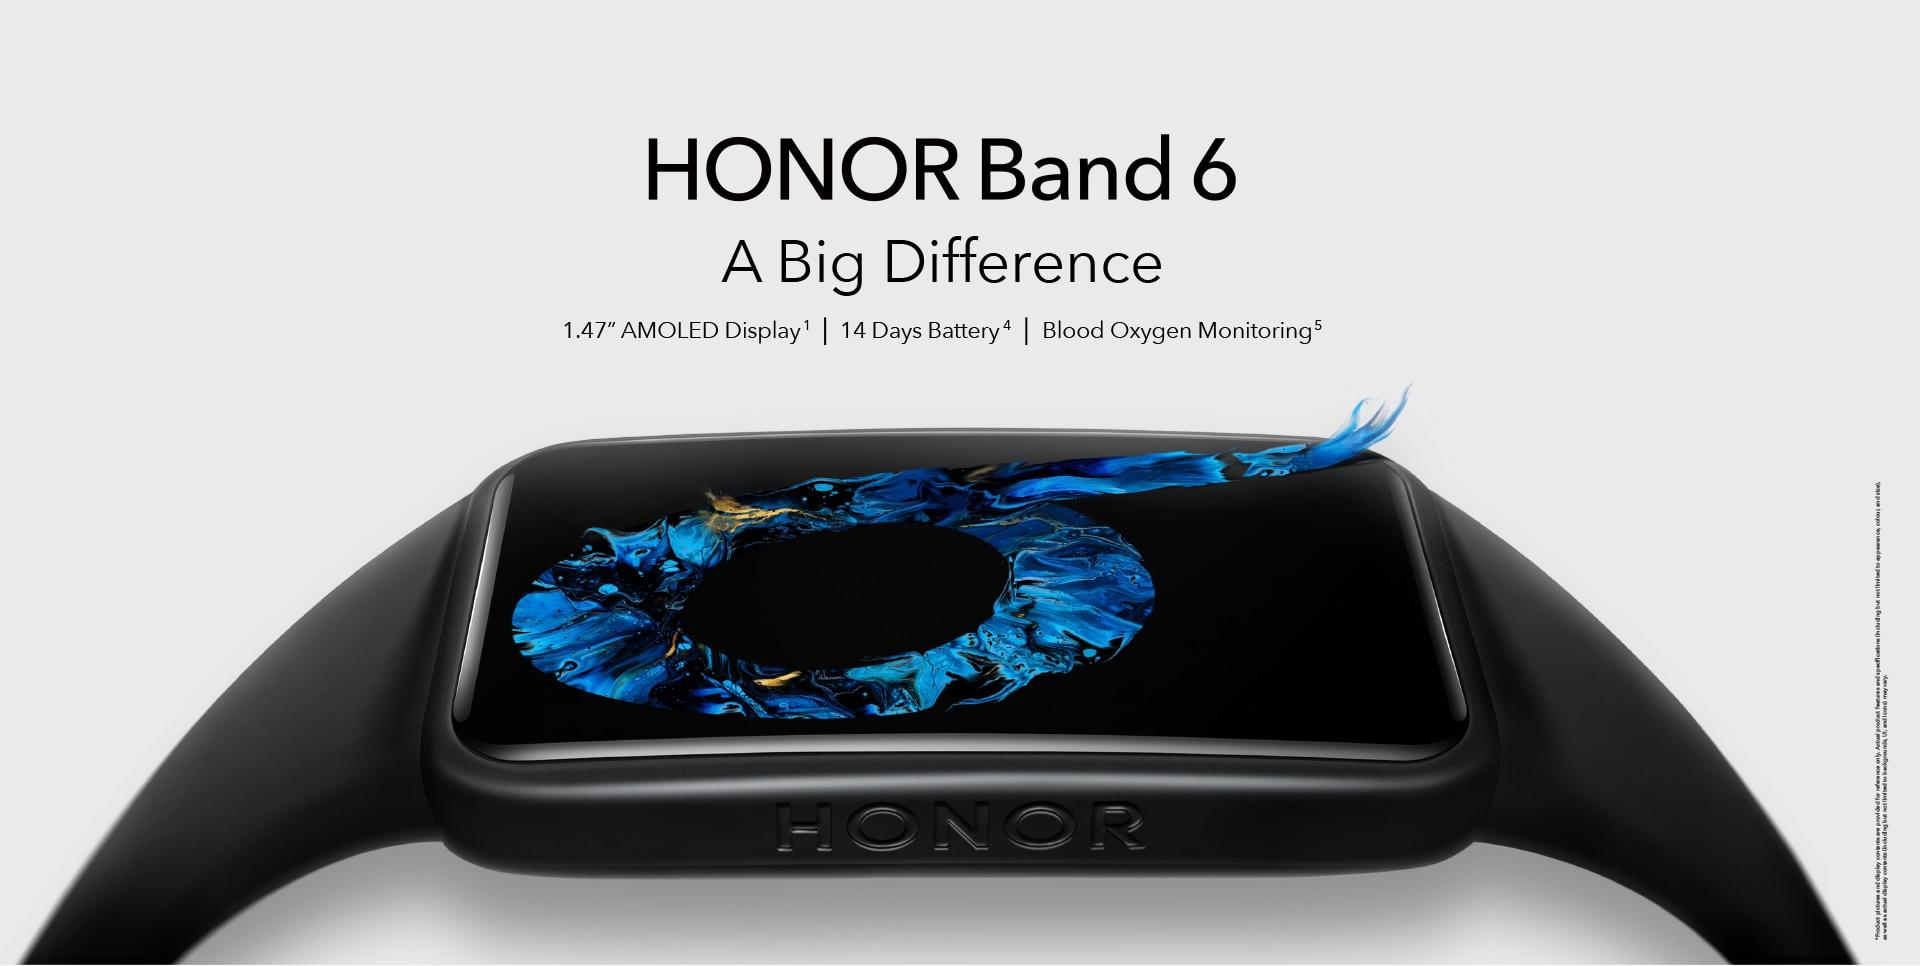 Альтернатива Xiaomi Mi Band 6: Honor Band 6 с безрамочным AMOLED-экраном можно купить сейчас на AliExpress по хорошей цене